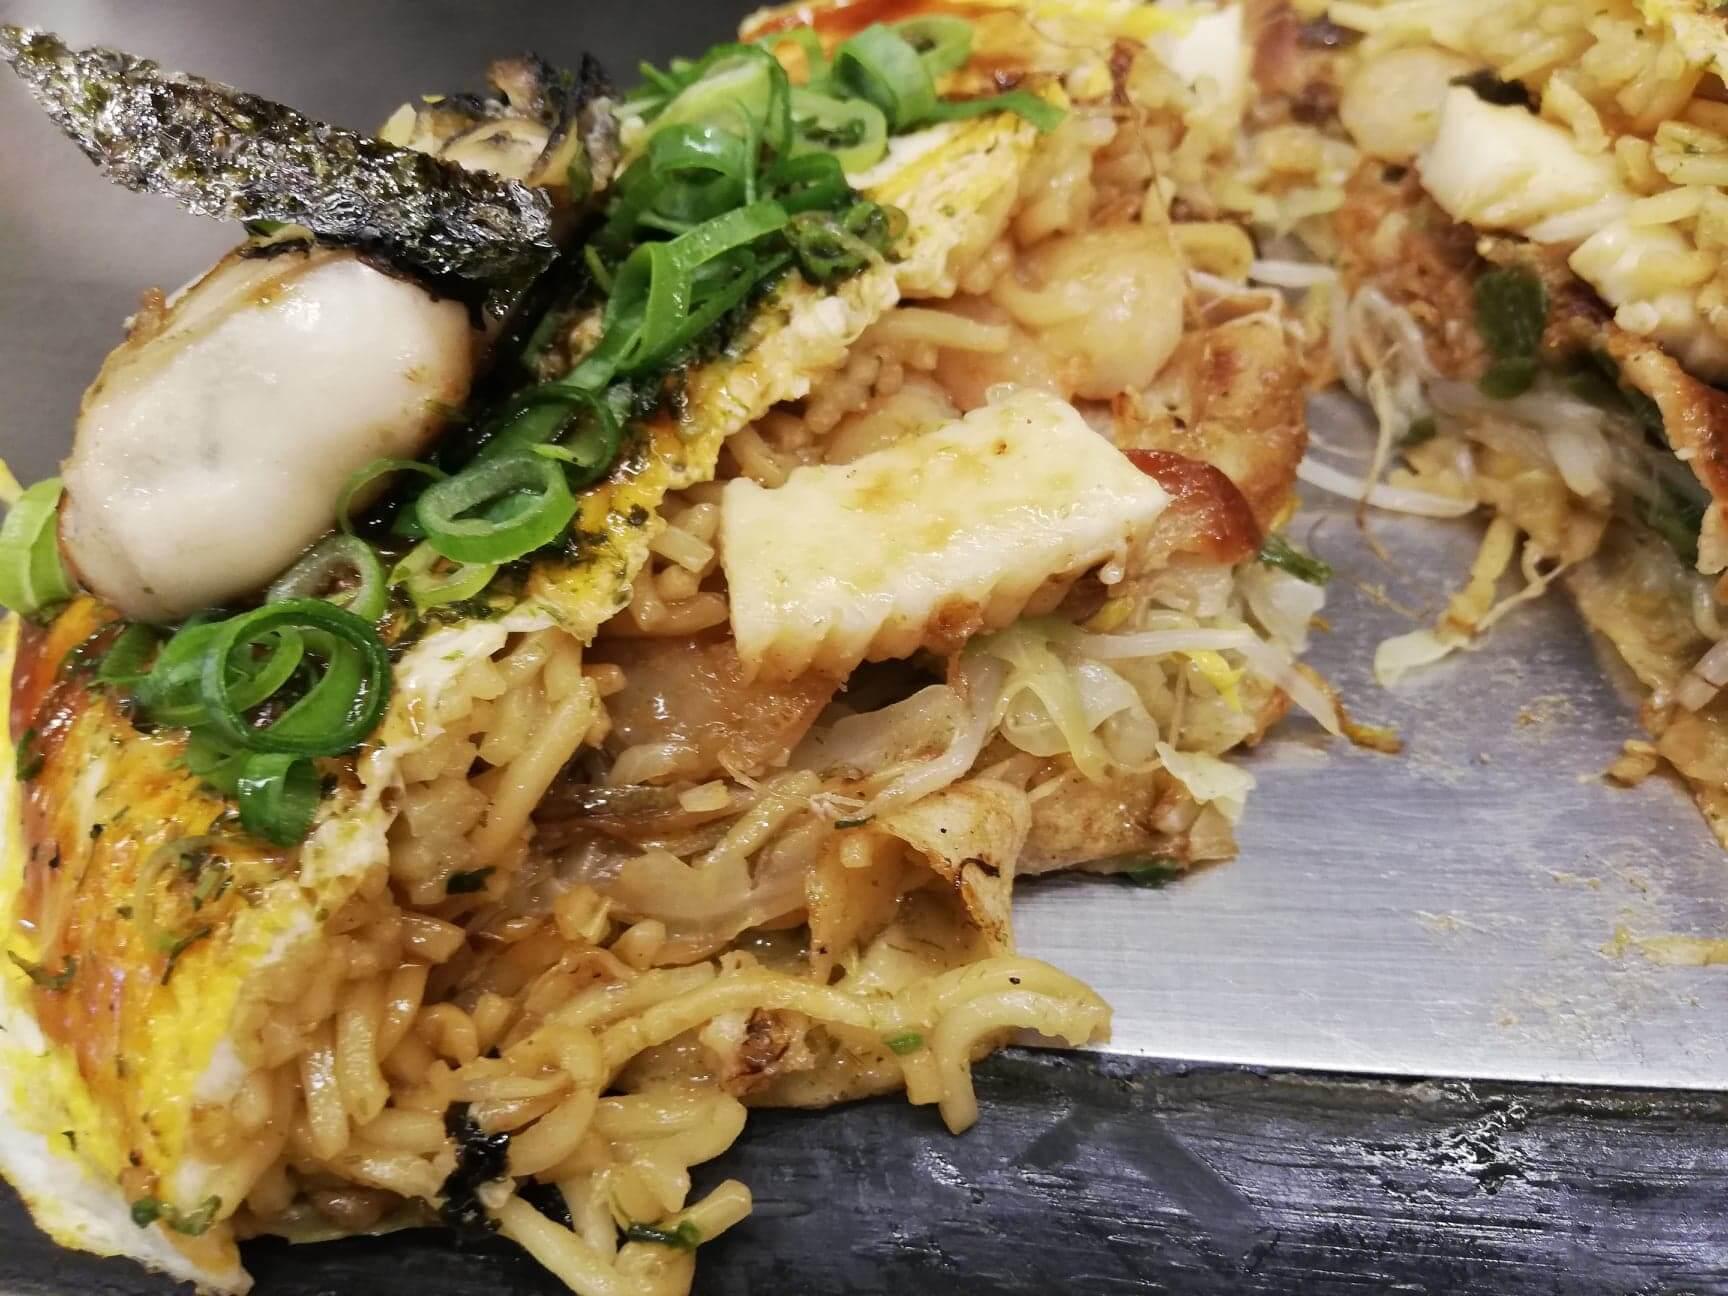 広島『本家村長の店』のお好み焼きの断面写真